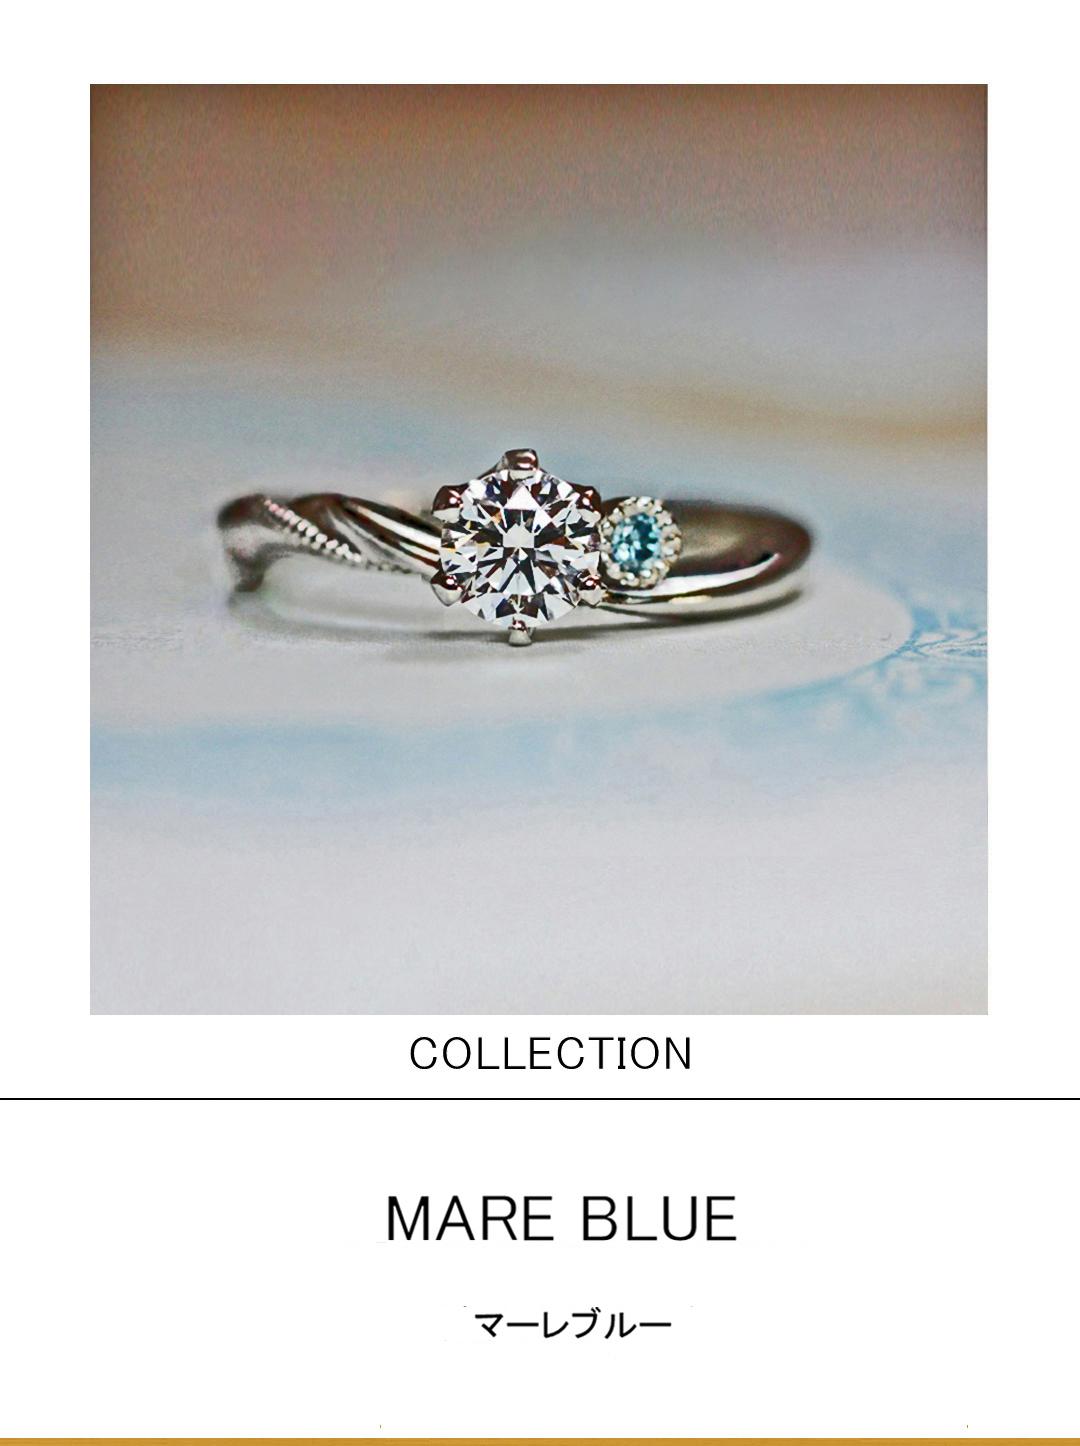 アイスブルーダイヤモンドが添えられたウェーブデザインの婚約指輪のサムネイル